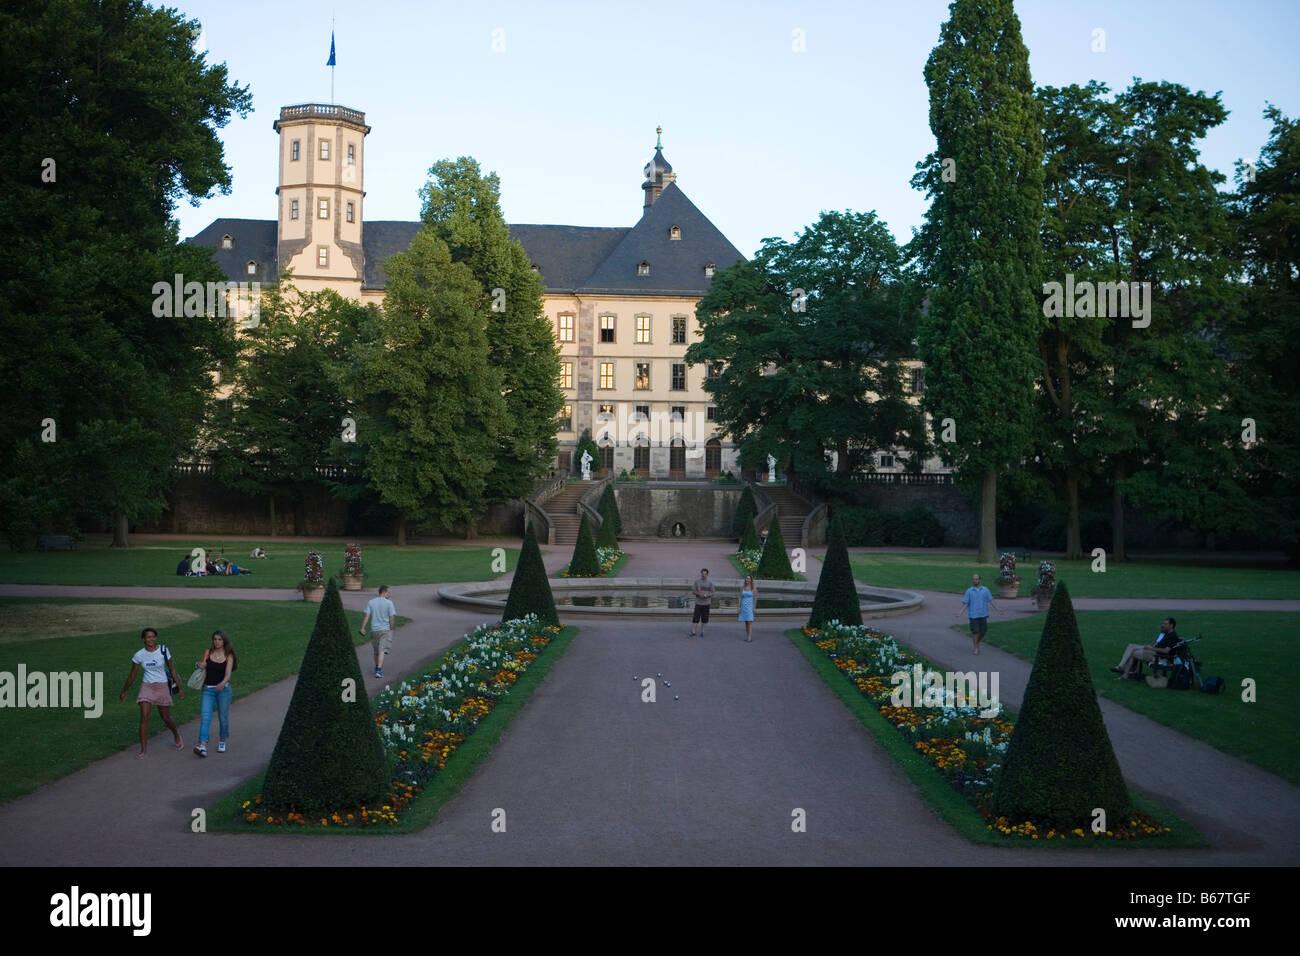 Fulda Schlosspark Park And Stadtschloss City Castle Fulda